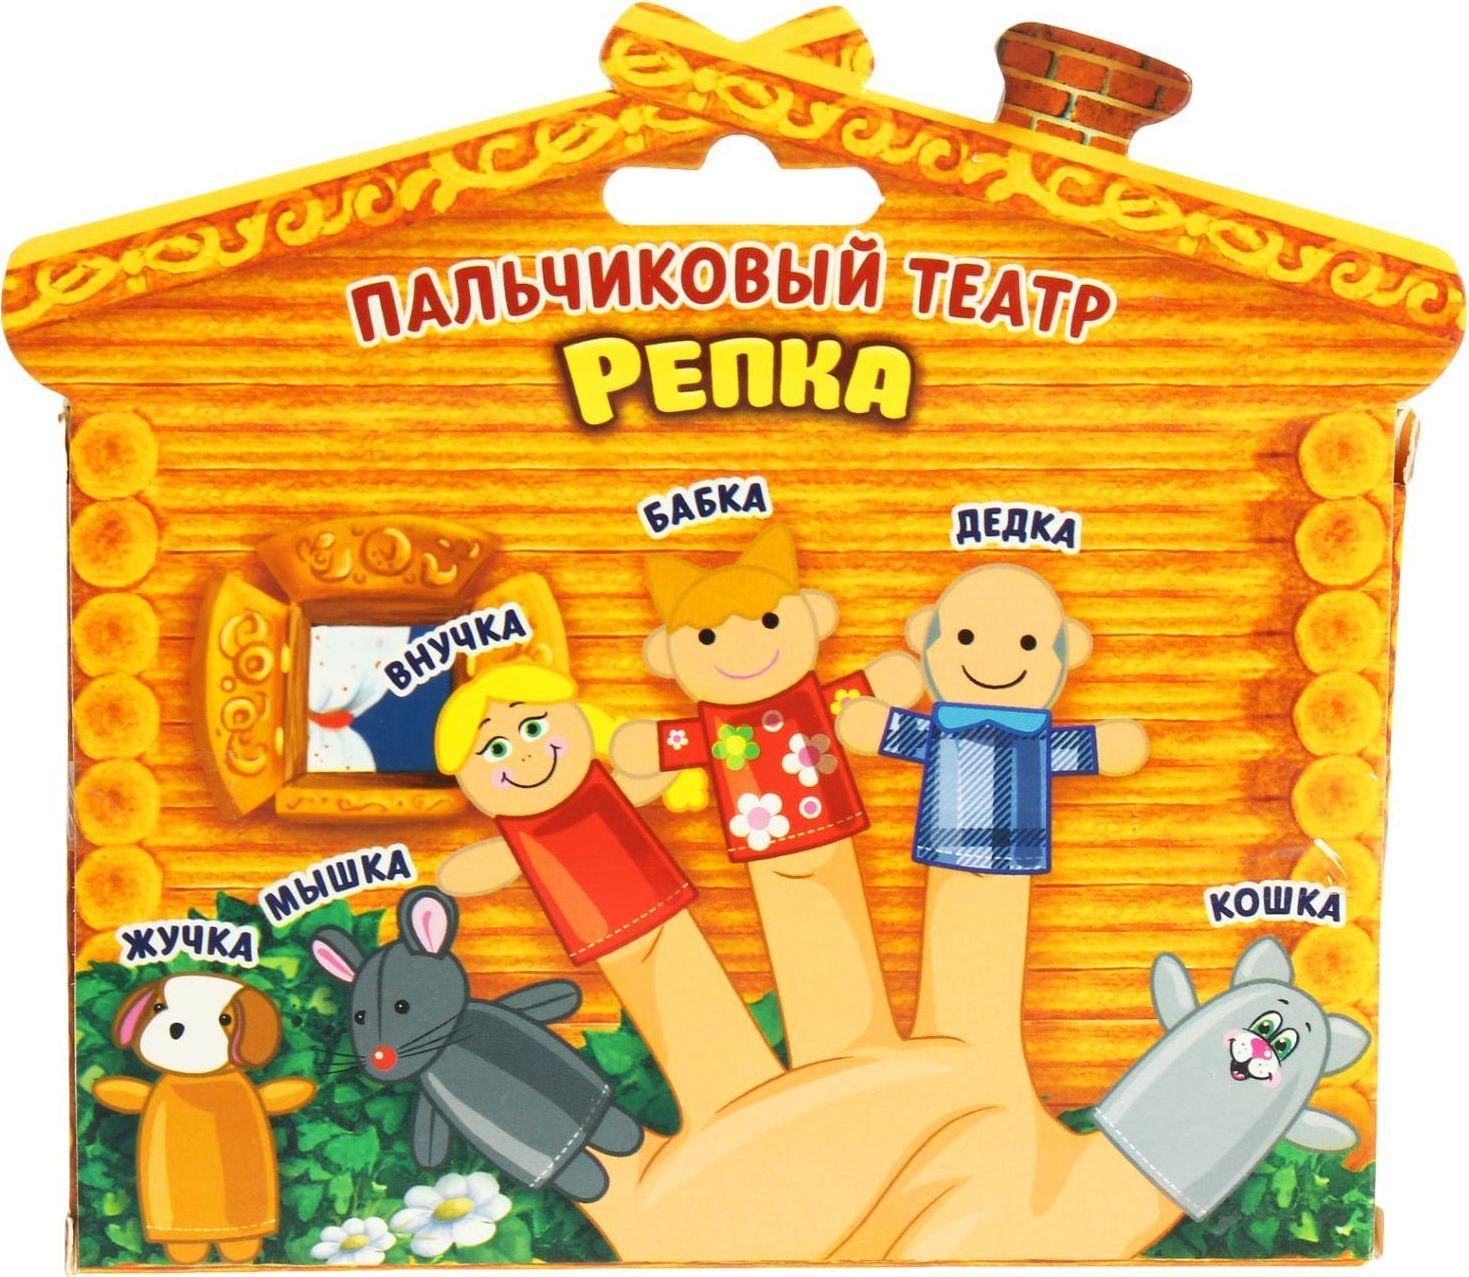 Кукольный театр сценарий репка